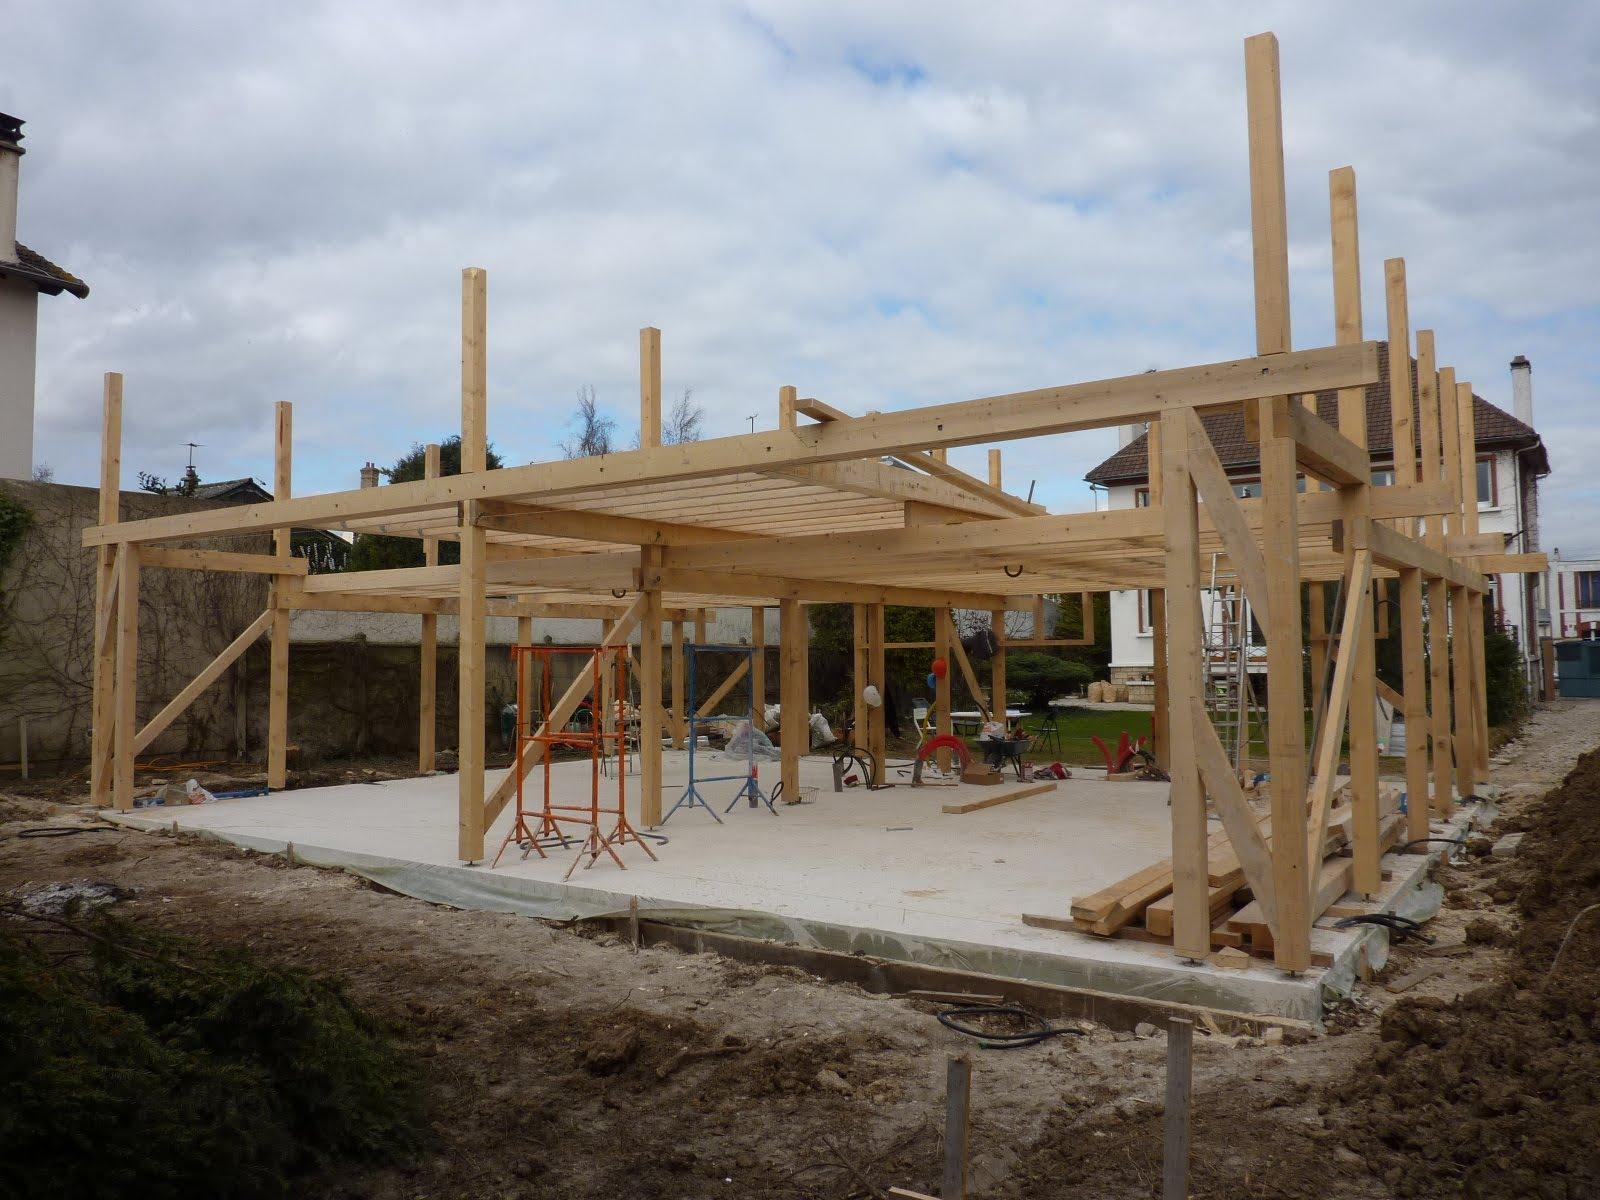 Maison Poteau Bois Et Remplissage Chanvre Cachan 94